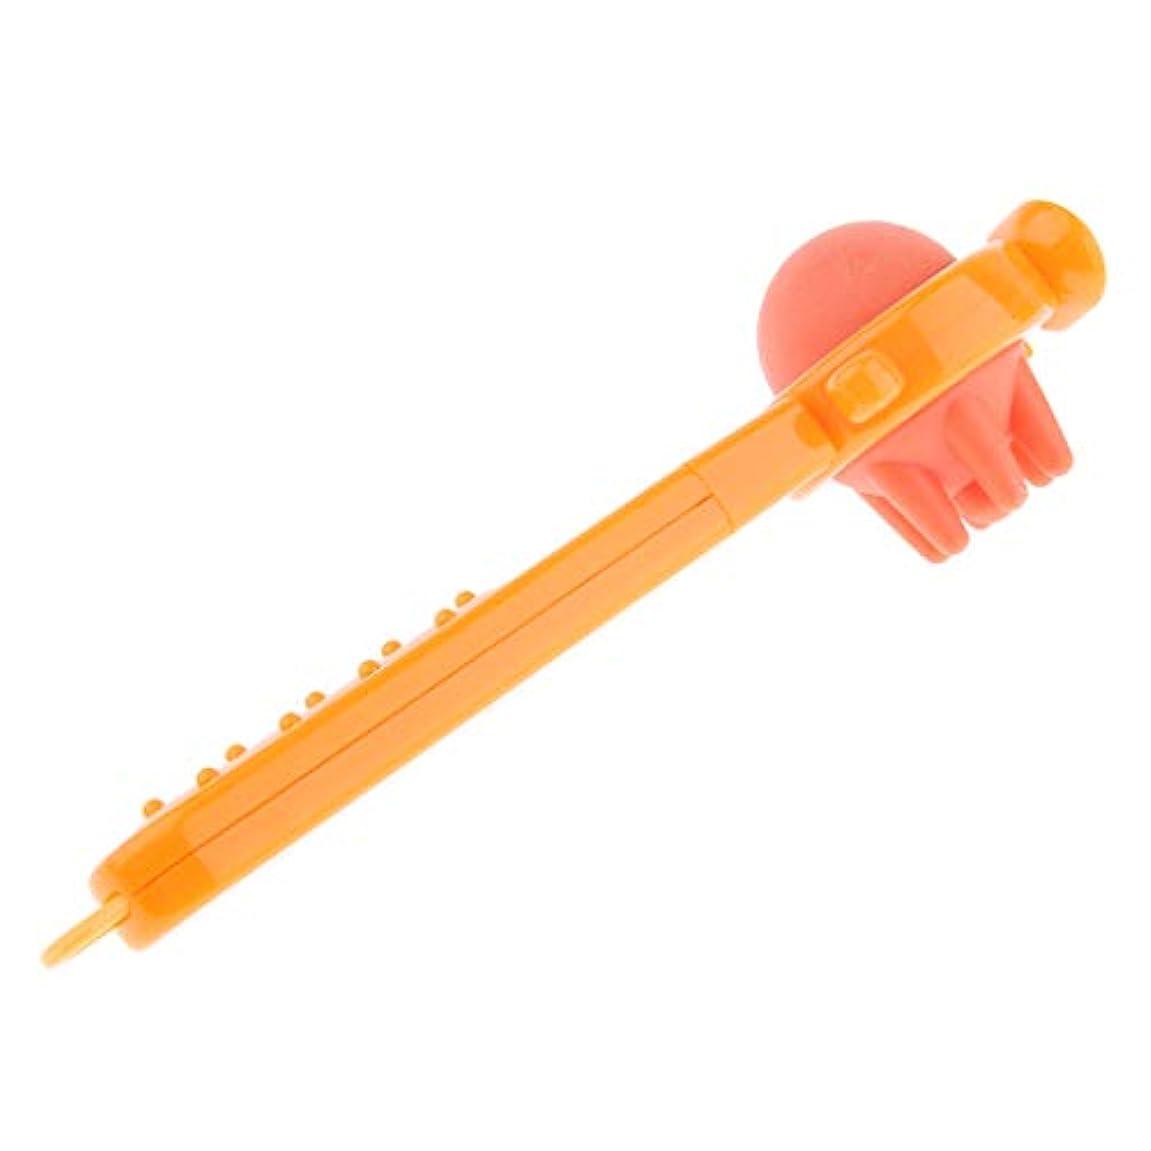 アームストロング混乱到着FLAMEER 背中/肩/脚/腕/筋肉 大人気 ツボ押しグッズ マッサージ ハンマー スティック 健康器具 オレンジ